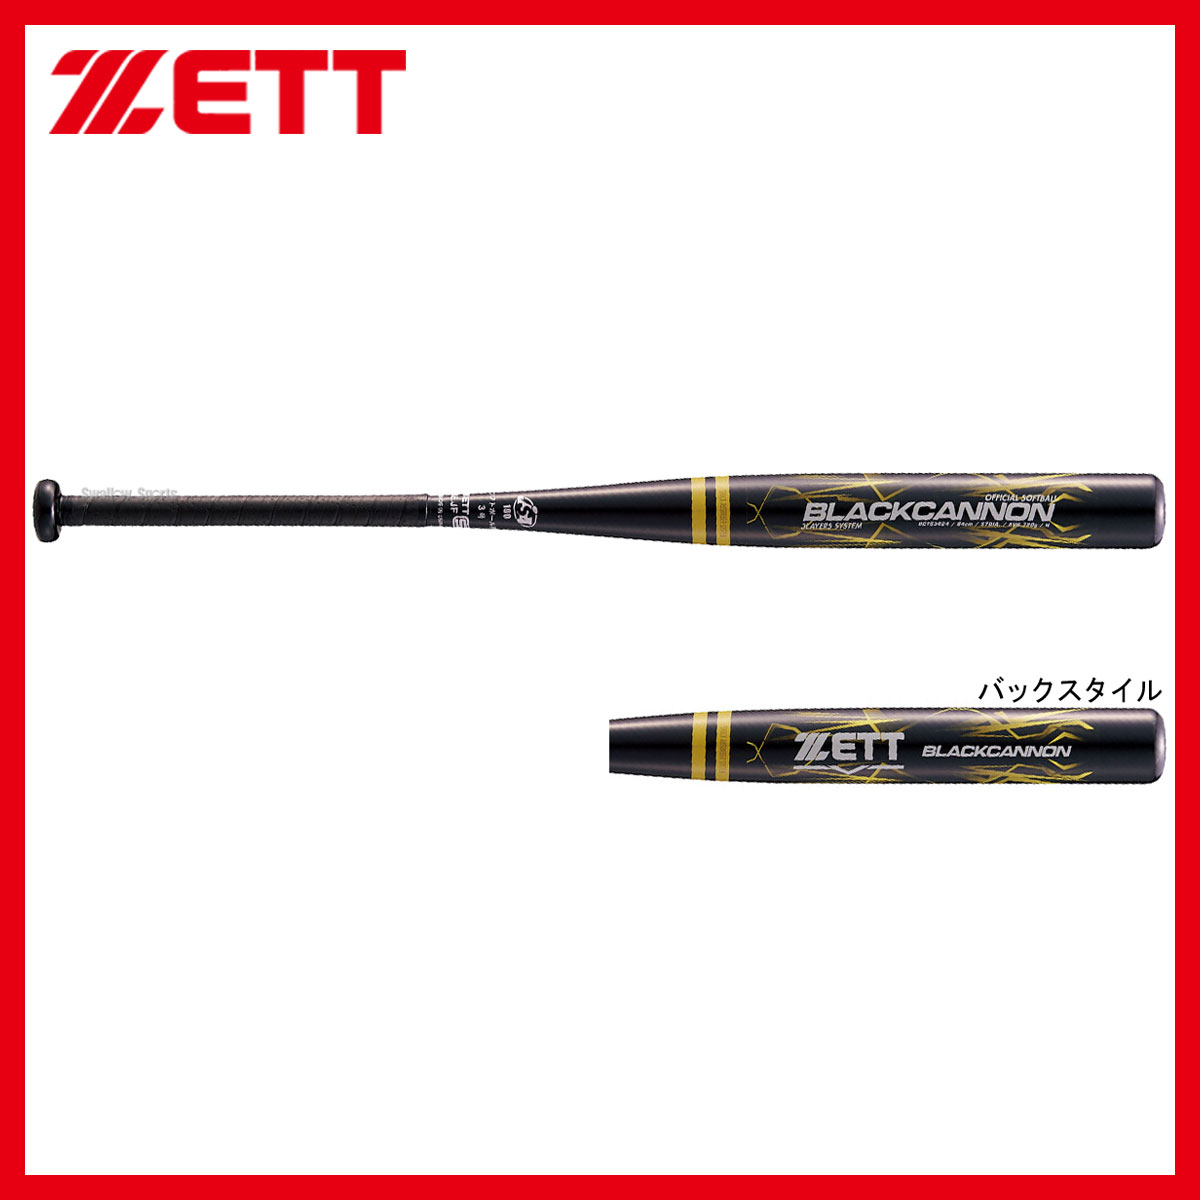 ゼット ZETT ソフト カーボン 3号 バット ブラックキャノン 革・ゴム対応 BCT53624 バット ZETT 【SALE】 野球用品 スワロースポーツ